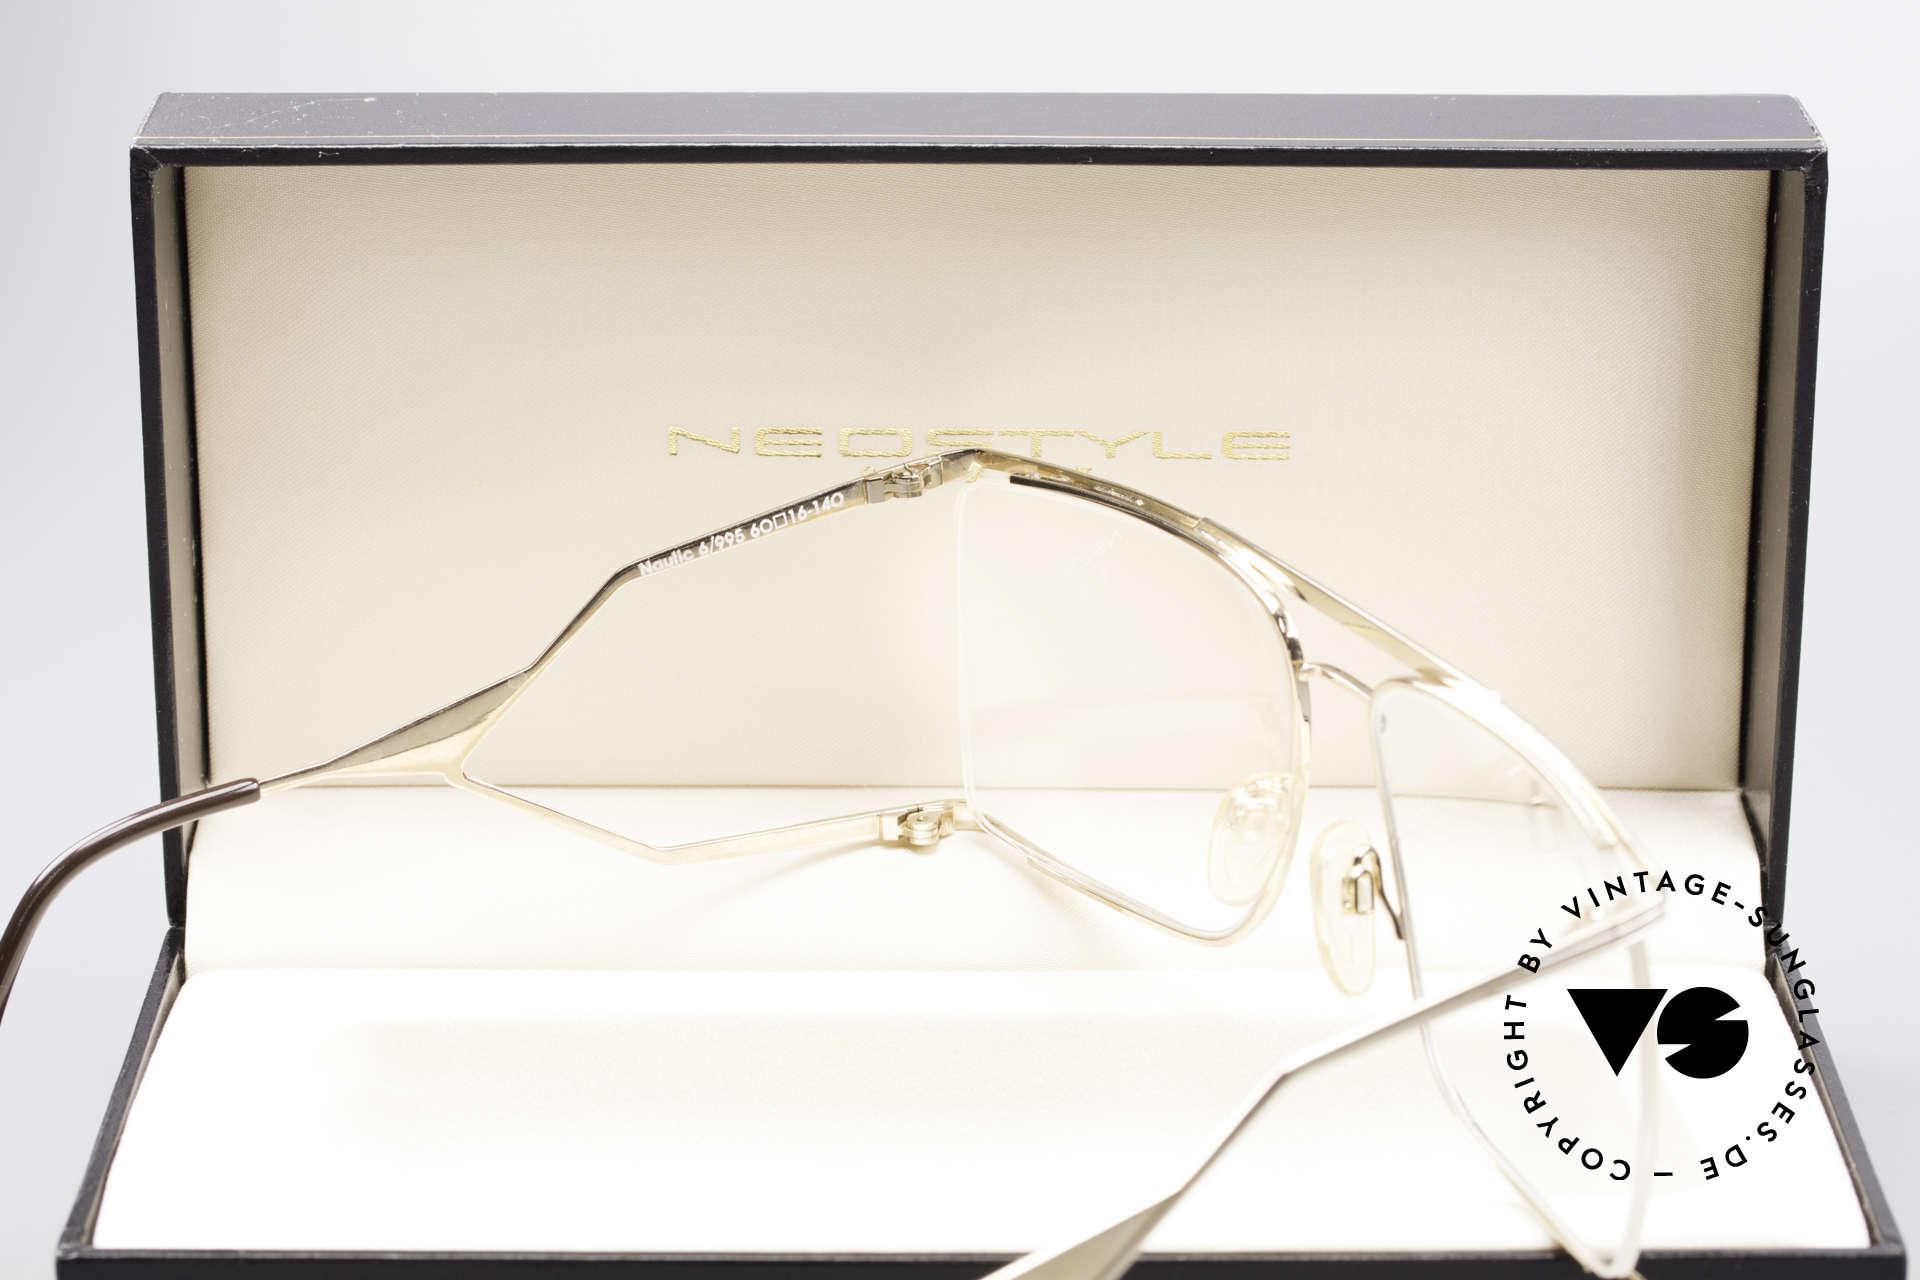 Neostyle Nautic 6 Miami Vice Vintage Brille, ungetragenes Einzelstück (mit original Neostyle Box), Passend für Herren